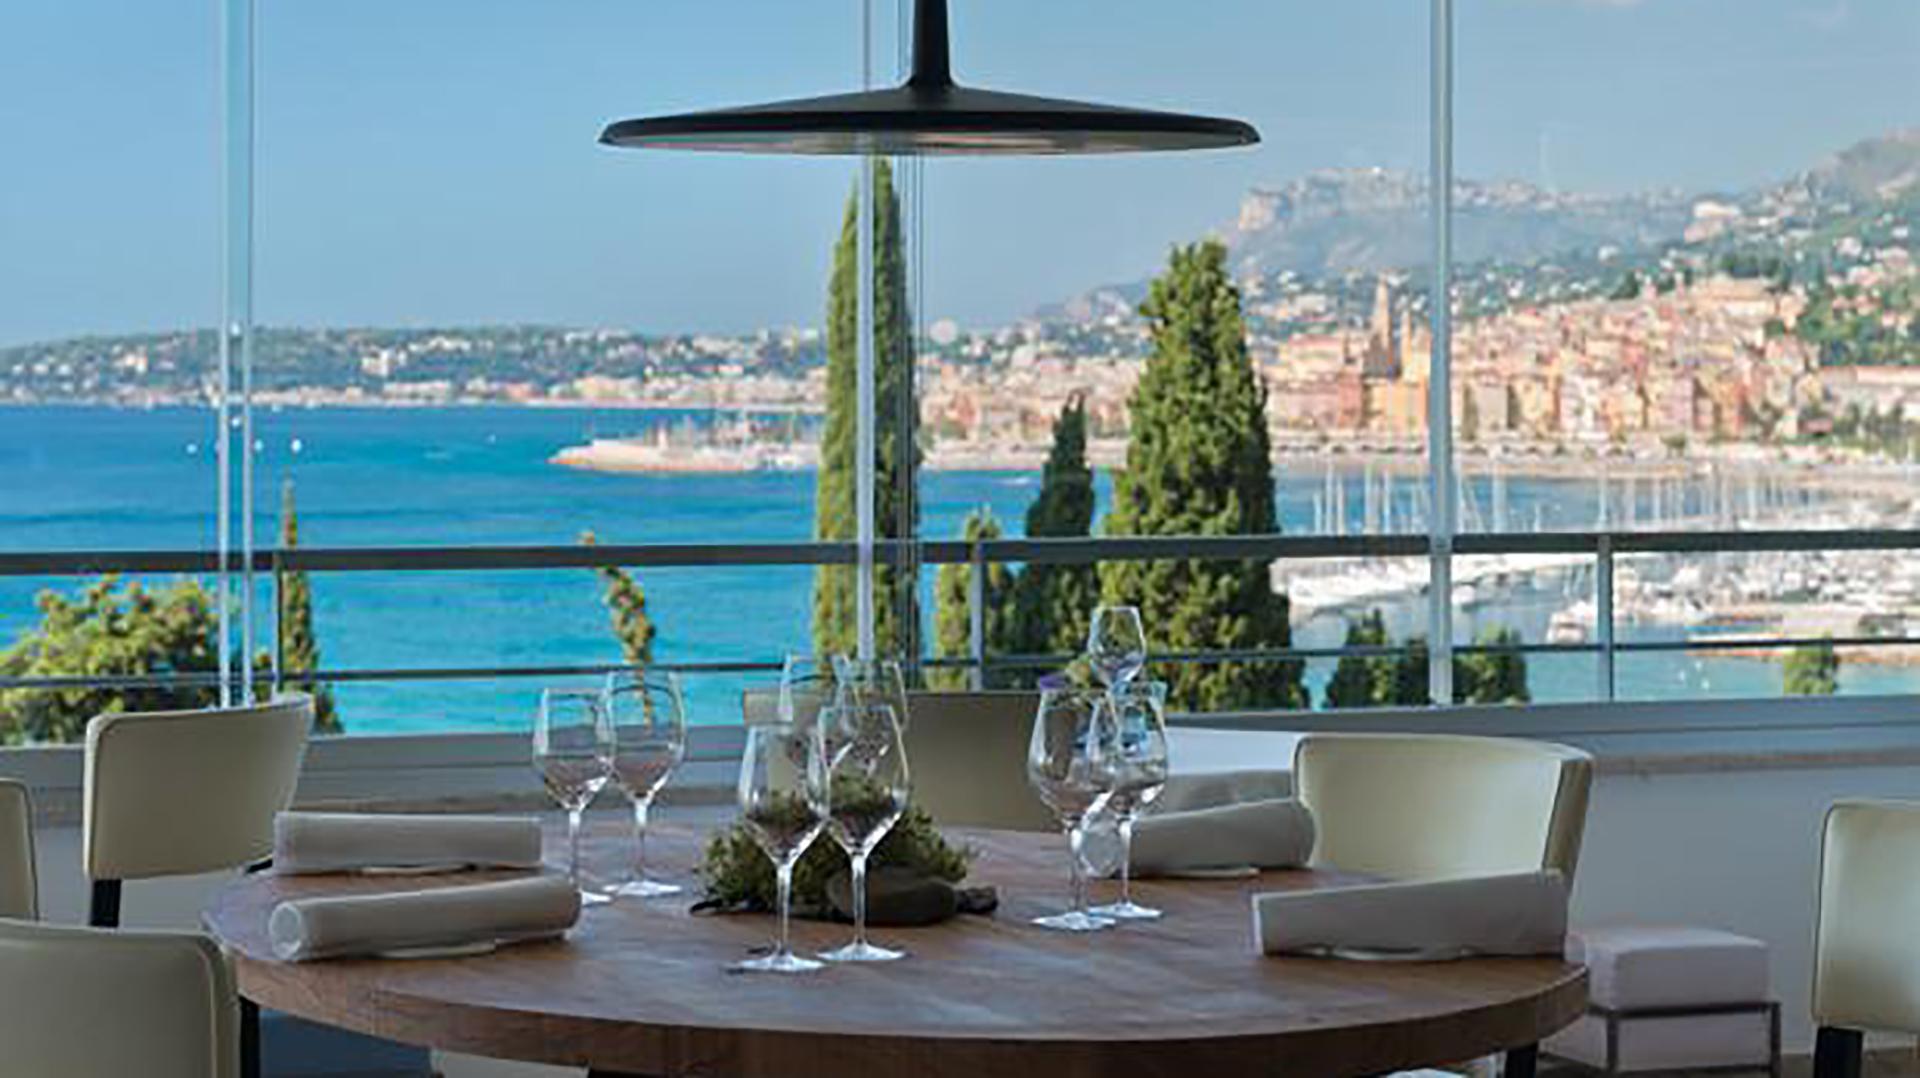 El restaurante tiene una decoración clásica y simple, pero con una vistapanorámica privilegiada del océano, las montañas y el pueblo de Mentón (Web Mirazur)